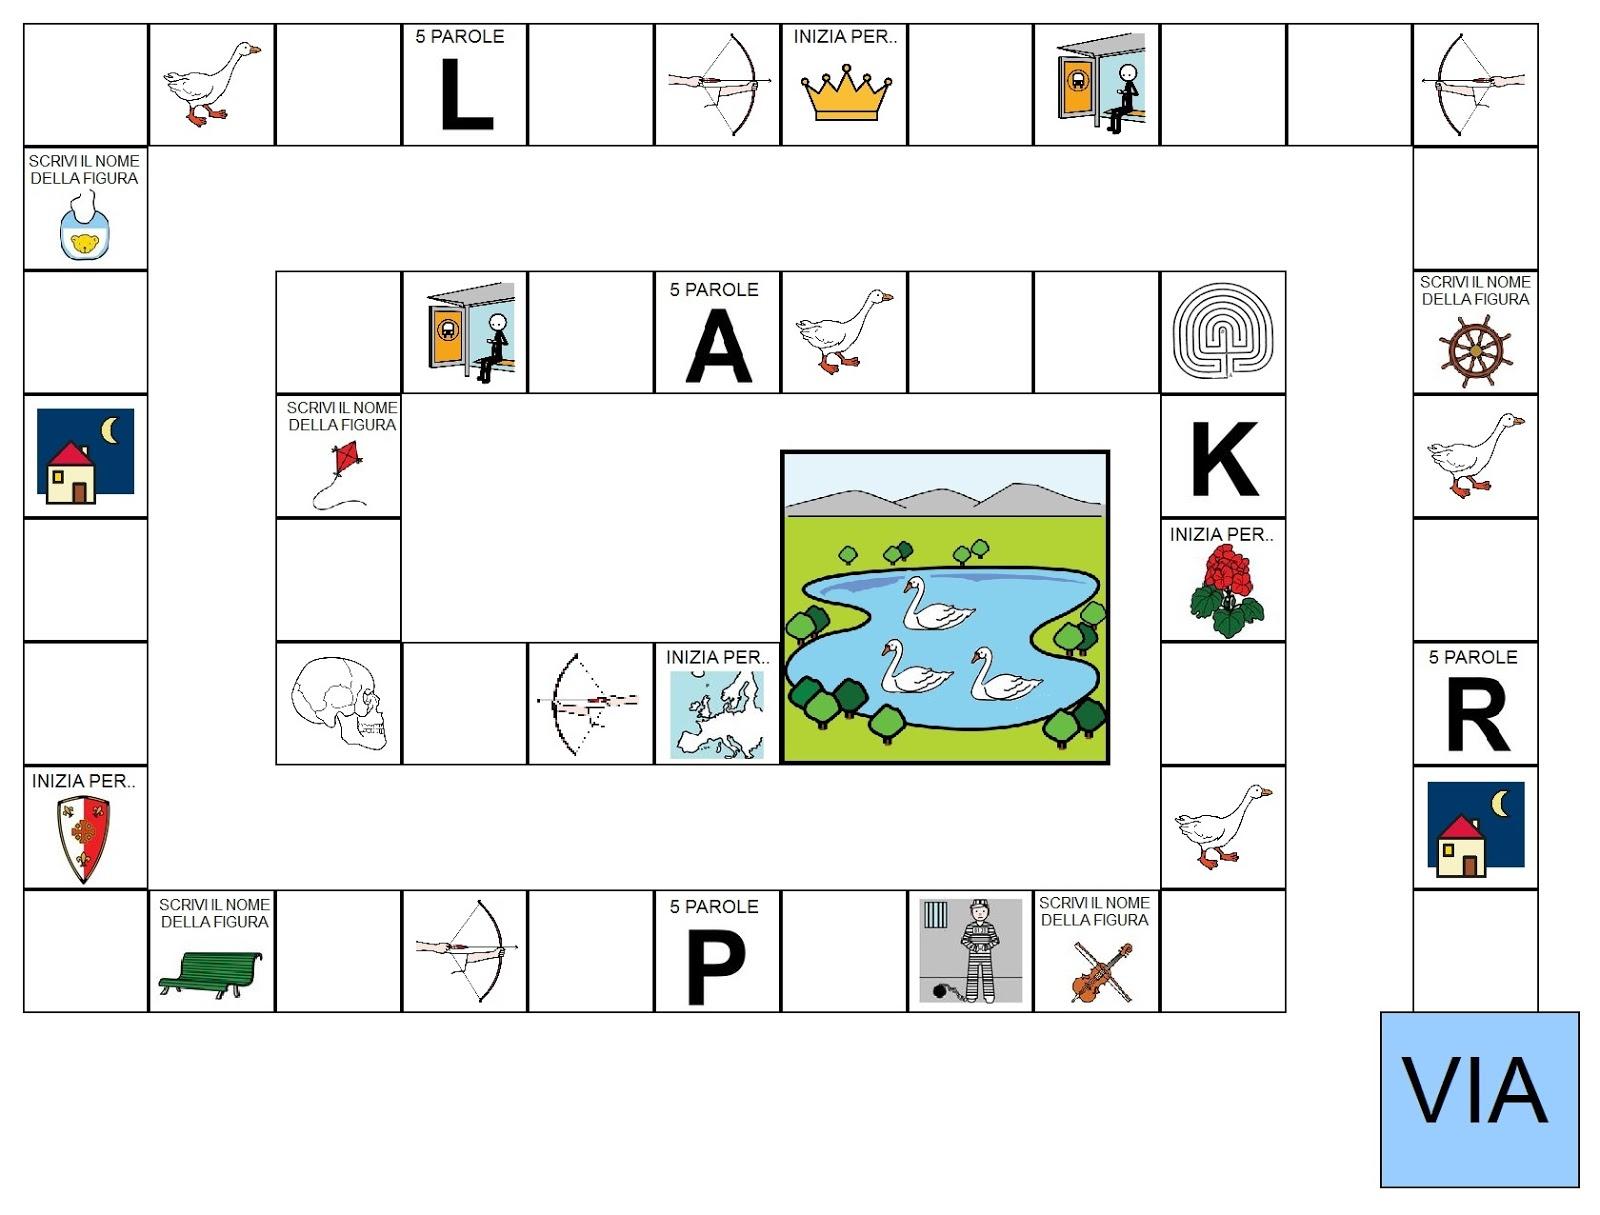 Comunicaazione gioco dell 39 oca delle parole for Gioco dell oca alcolico da stampare